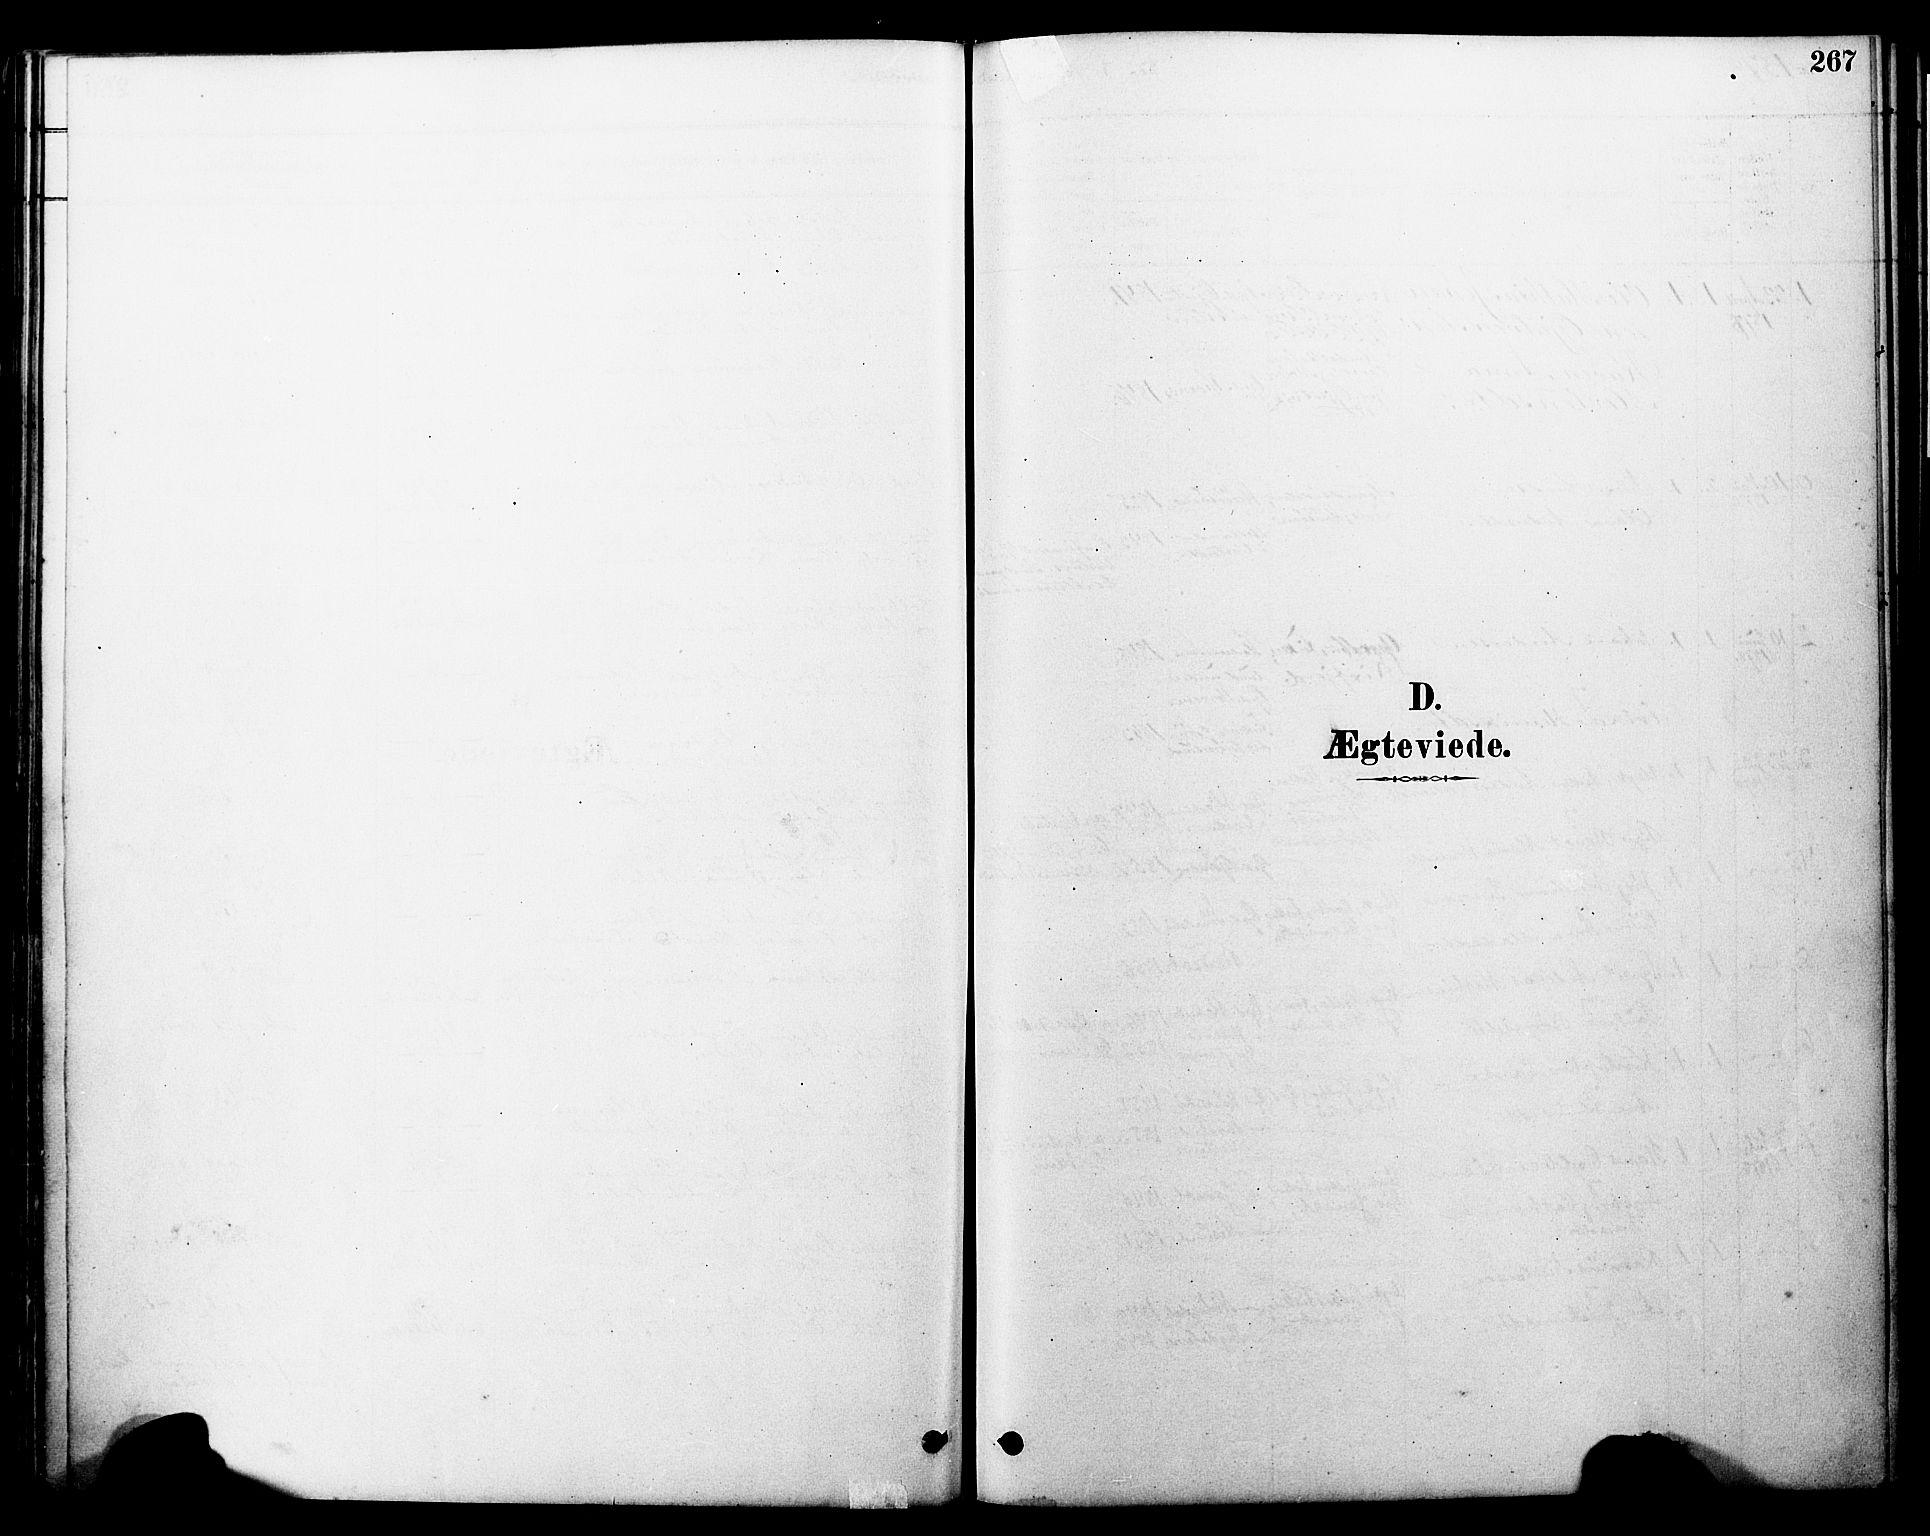 SAT, Ministerialprotokoller, klokkerbøker og fødselsregistre - Møre og Romsdal, 560/L0721: Parish register (official) no. 560A05, 1878-1917, p. 267